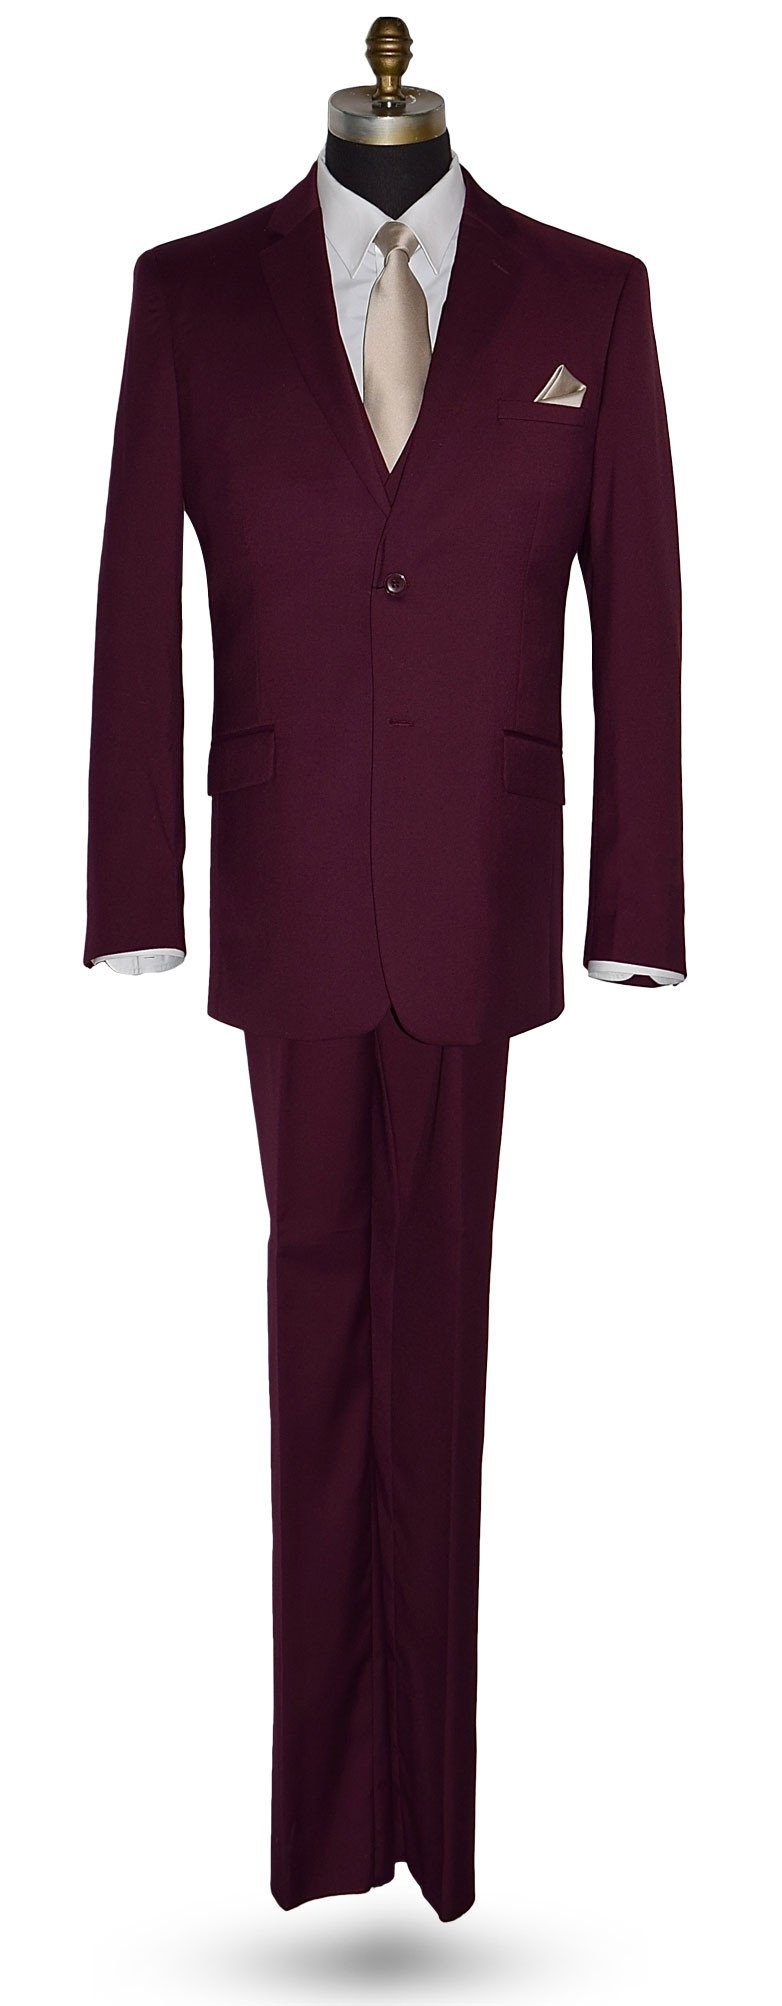 Sangria 3 Piece Suit -Coat, Pants and Vest Ensemble